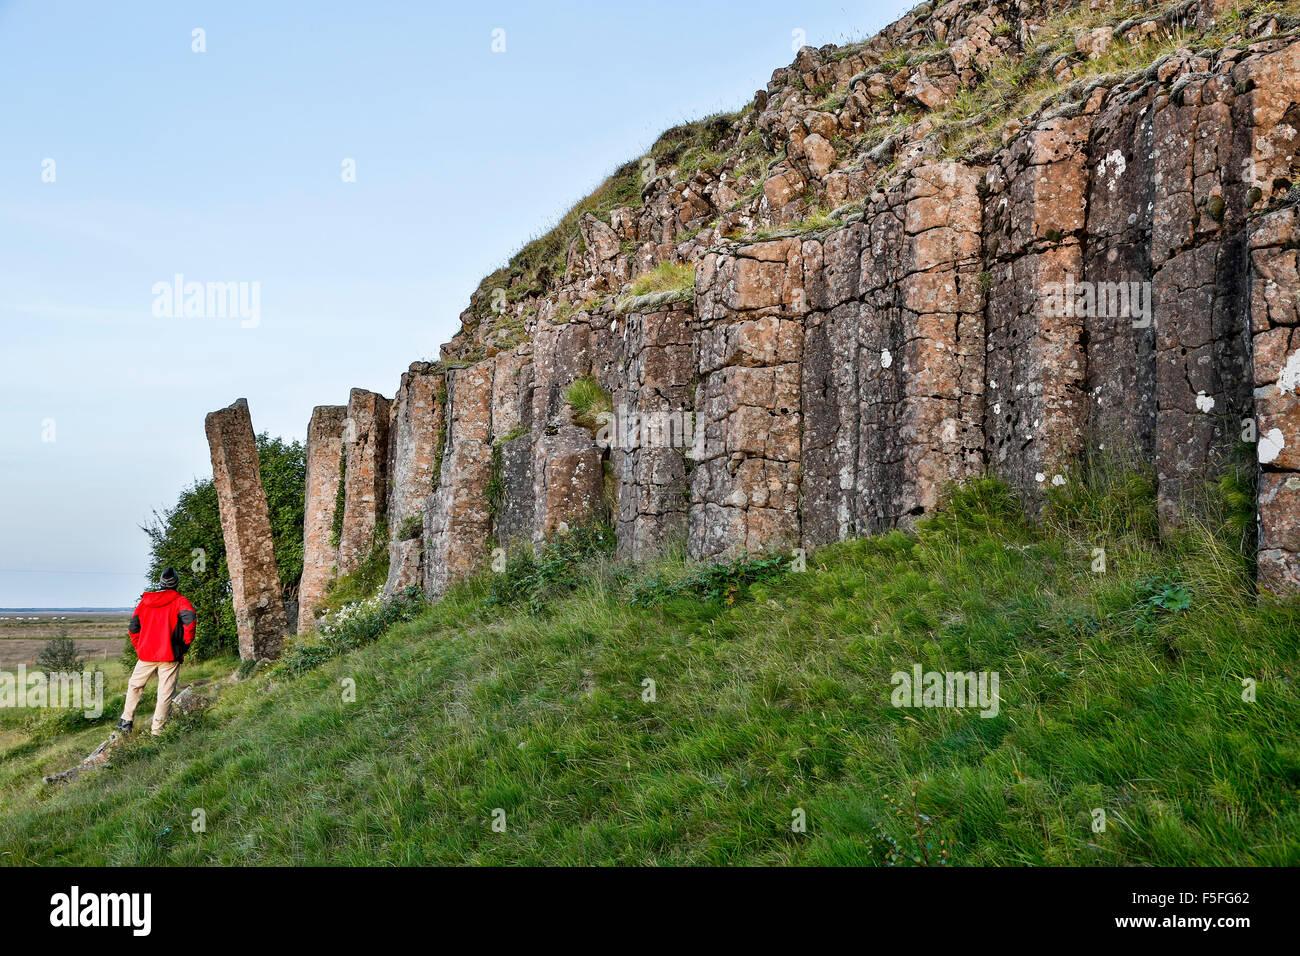 Escursionista ammirando basalto colonnare affioramento, Dverghamrar Nana (scogliere), vicino a Foss, Islanda Immagini Stock